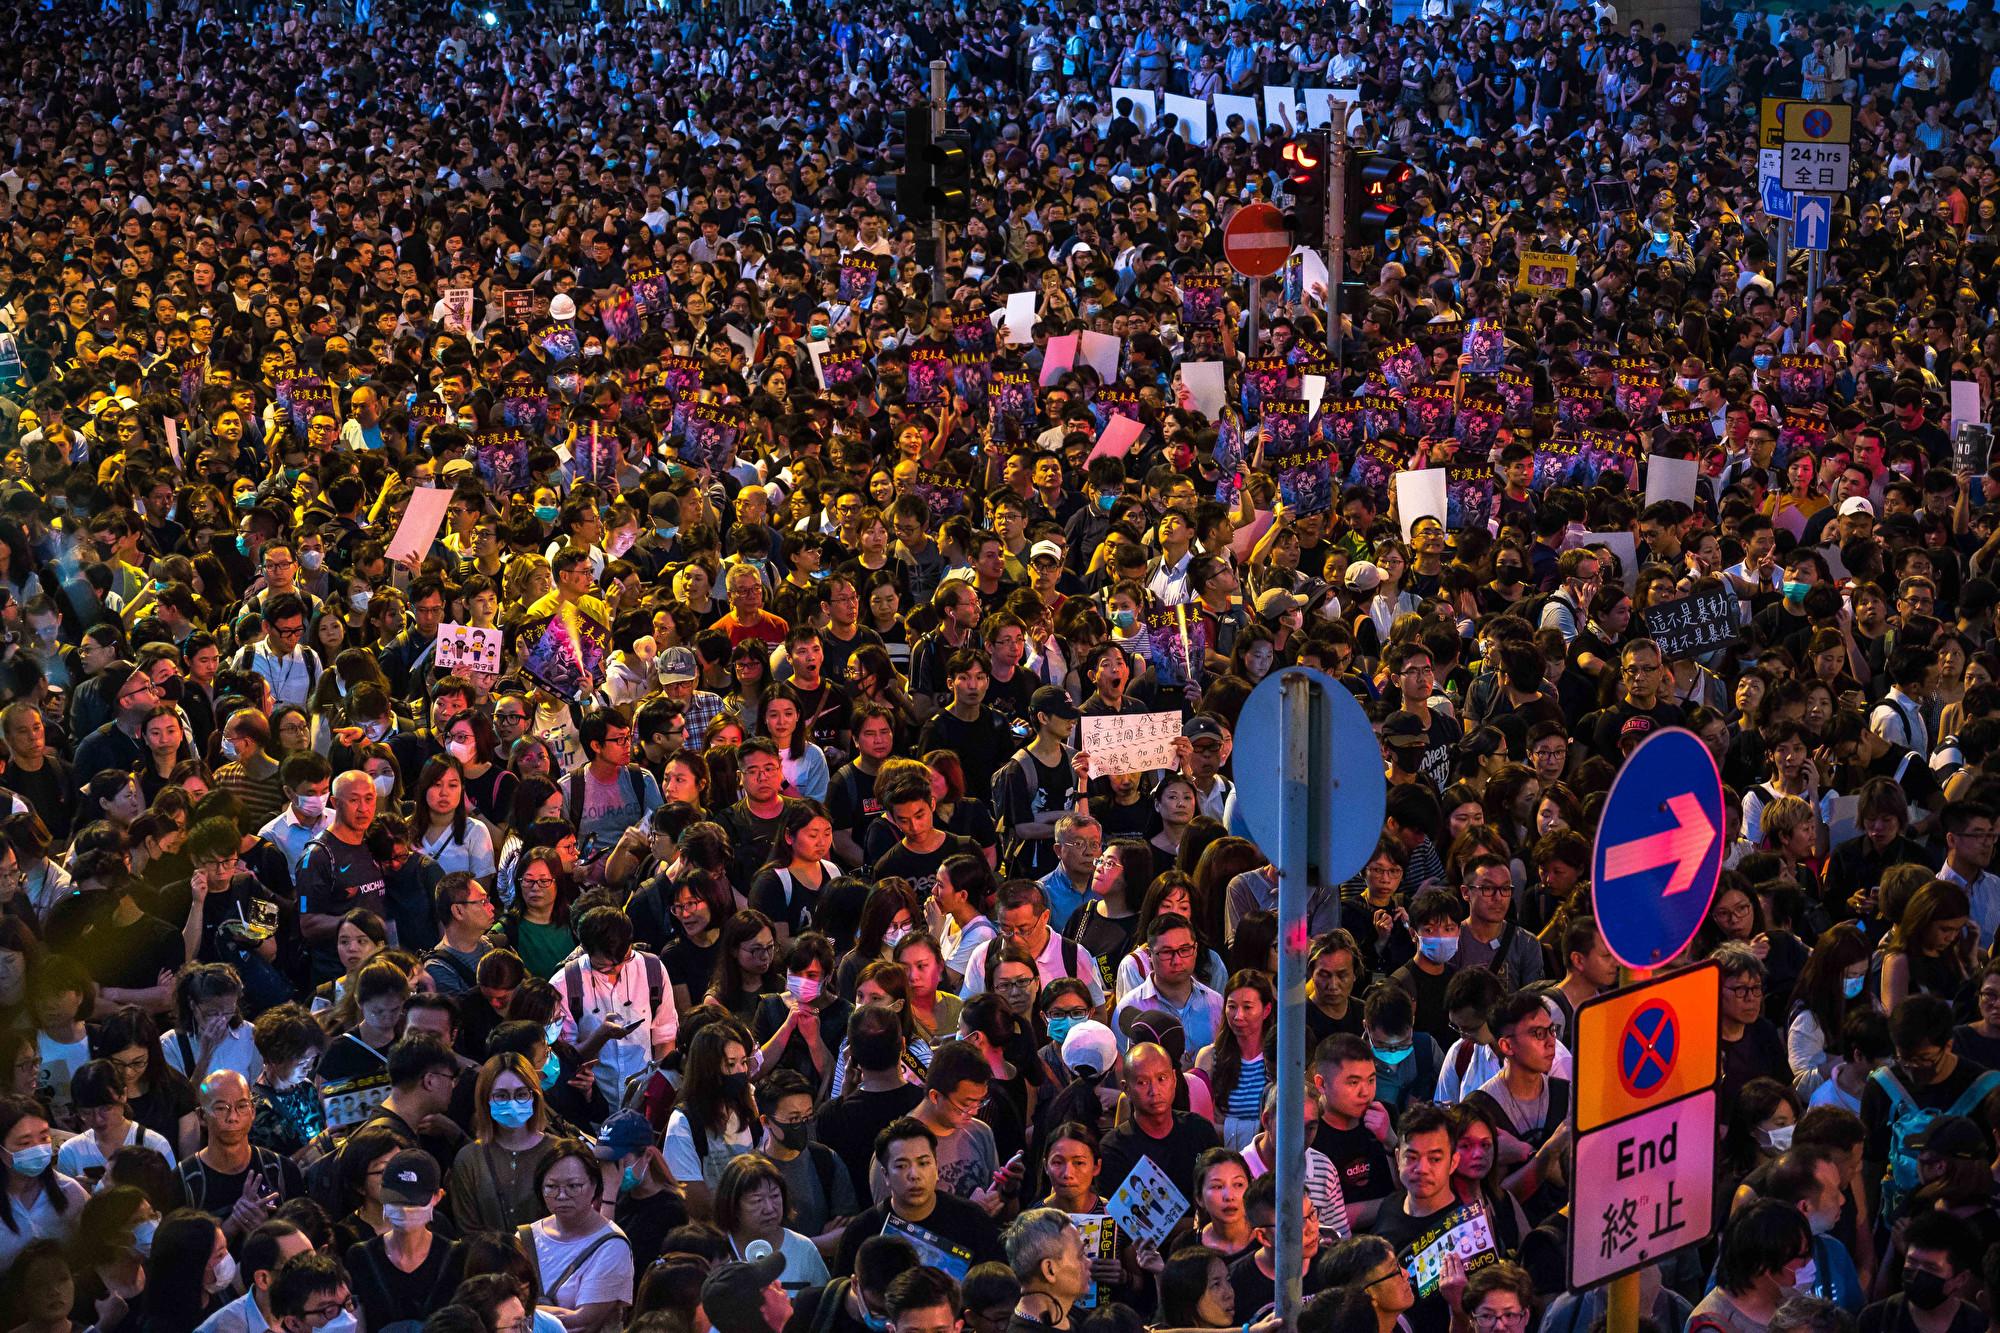 譚笑飛:如果中共在香港戒嚴